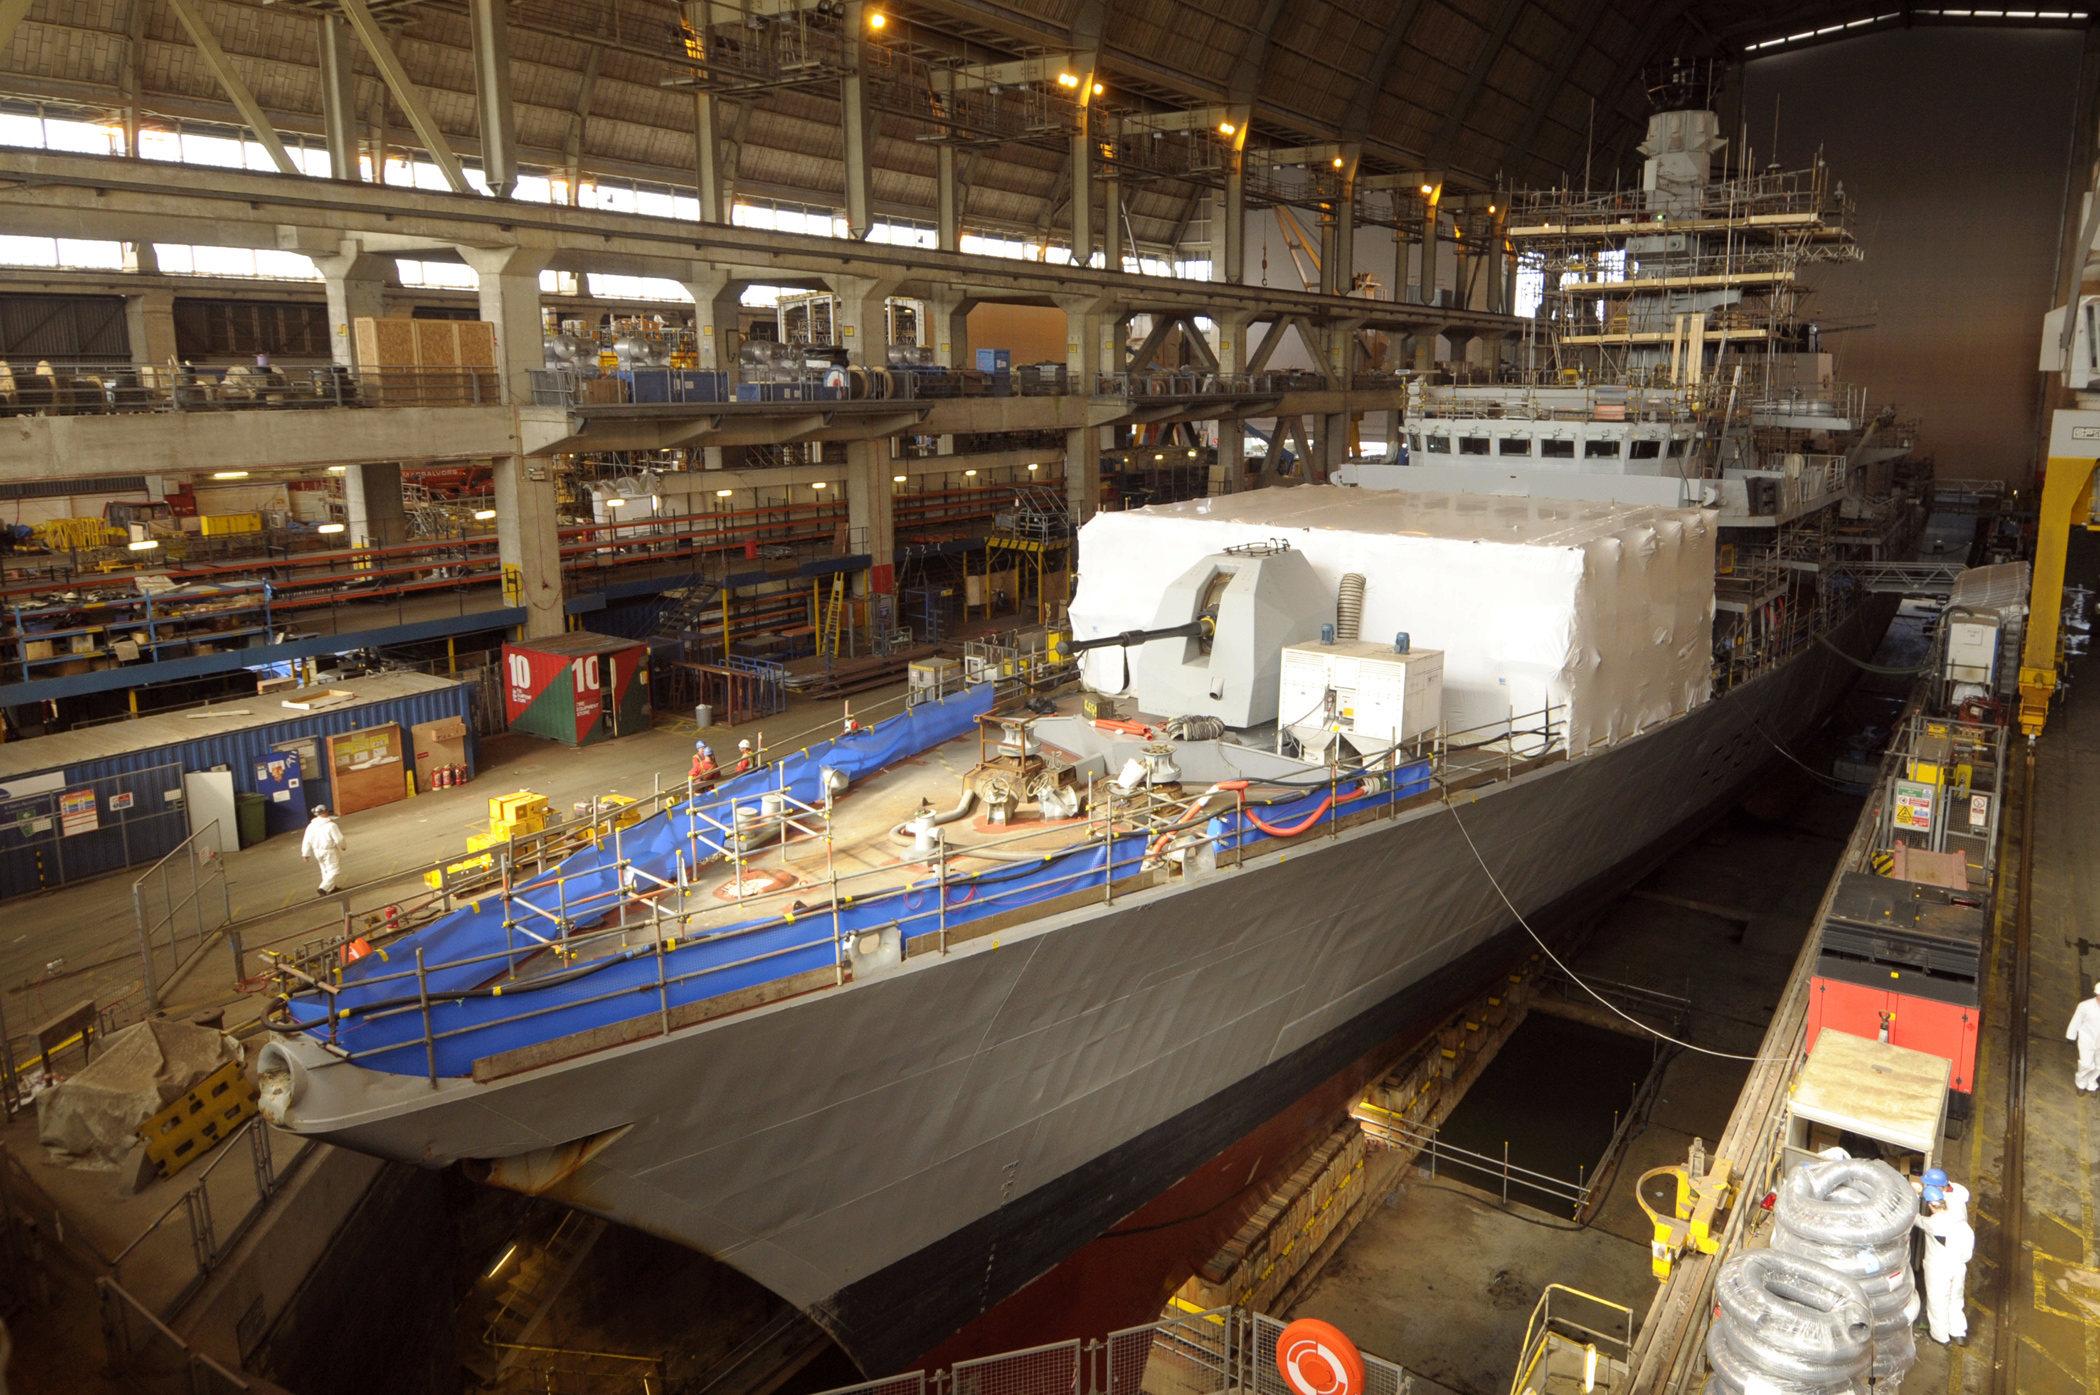 Réaménagement de la base navale de Zeebrugge - Page 3 Frigat11